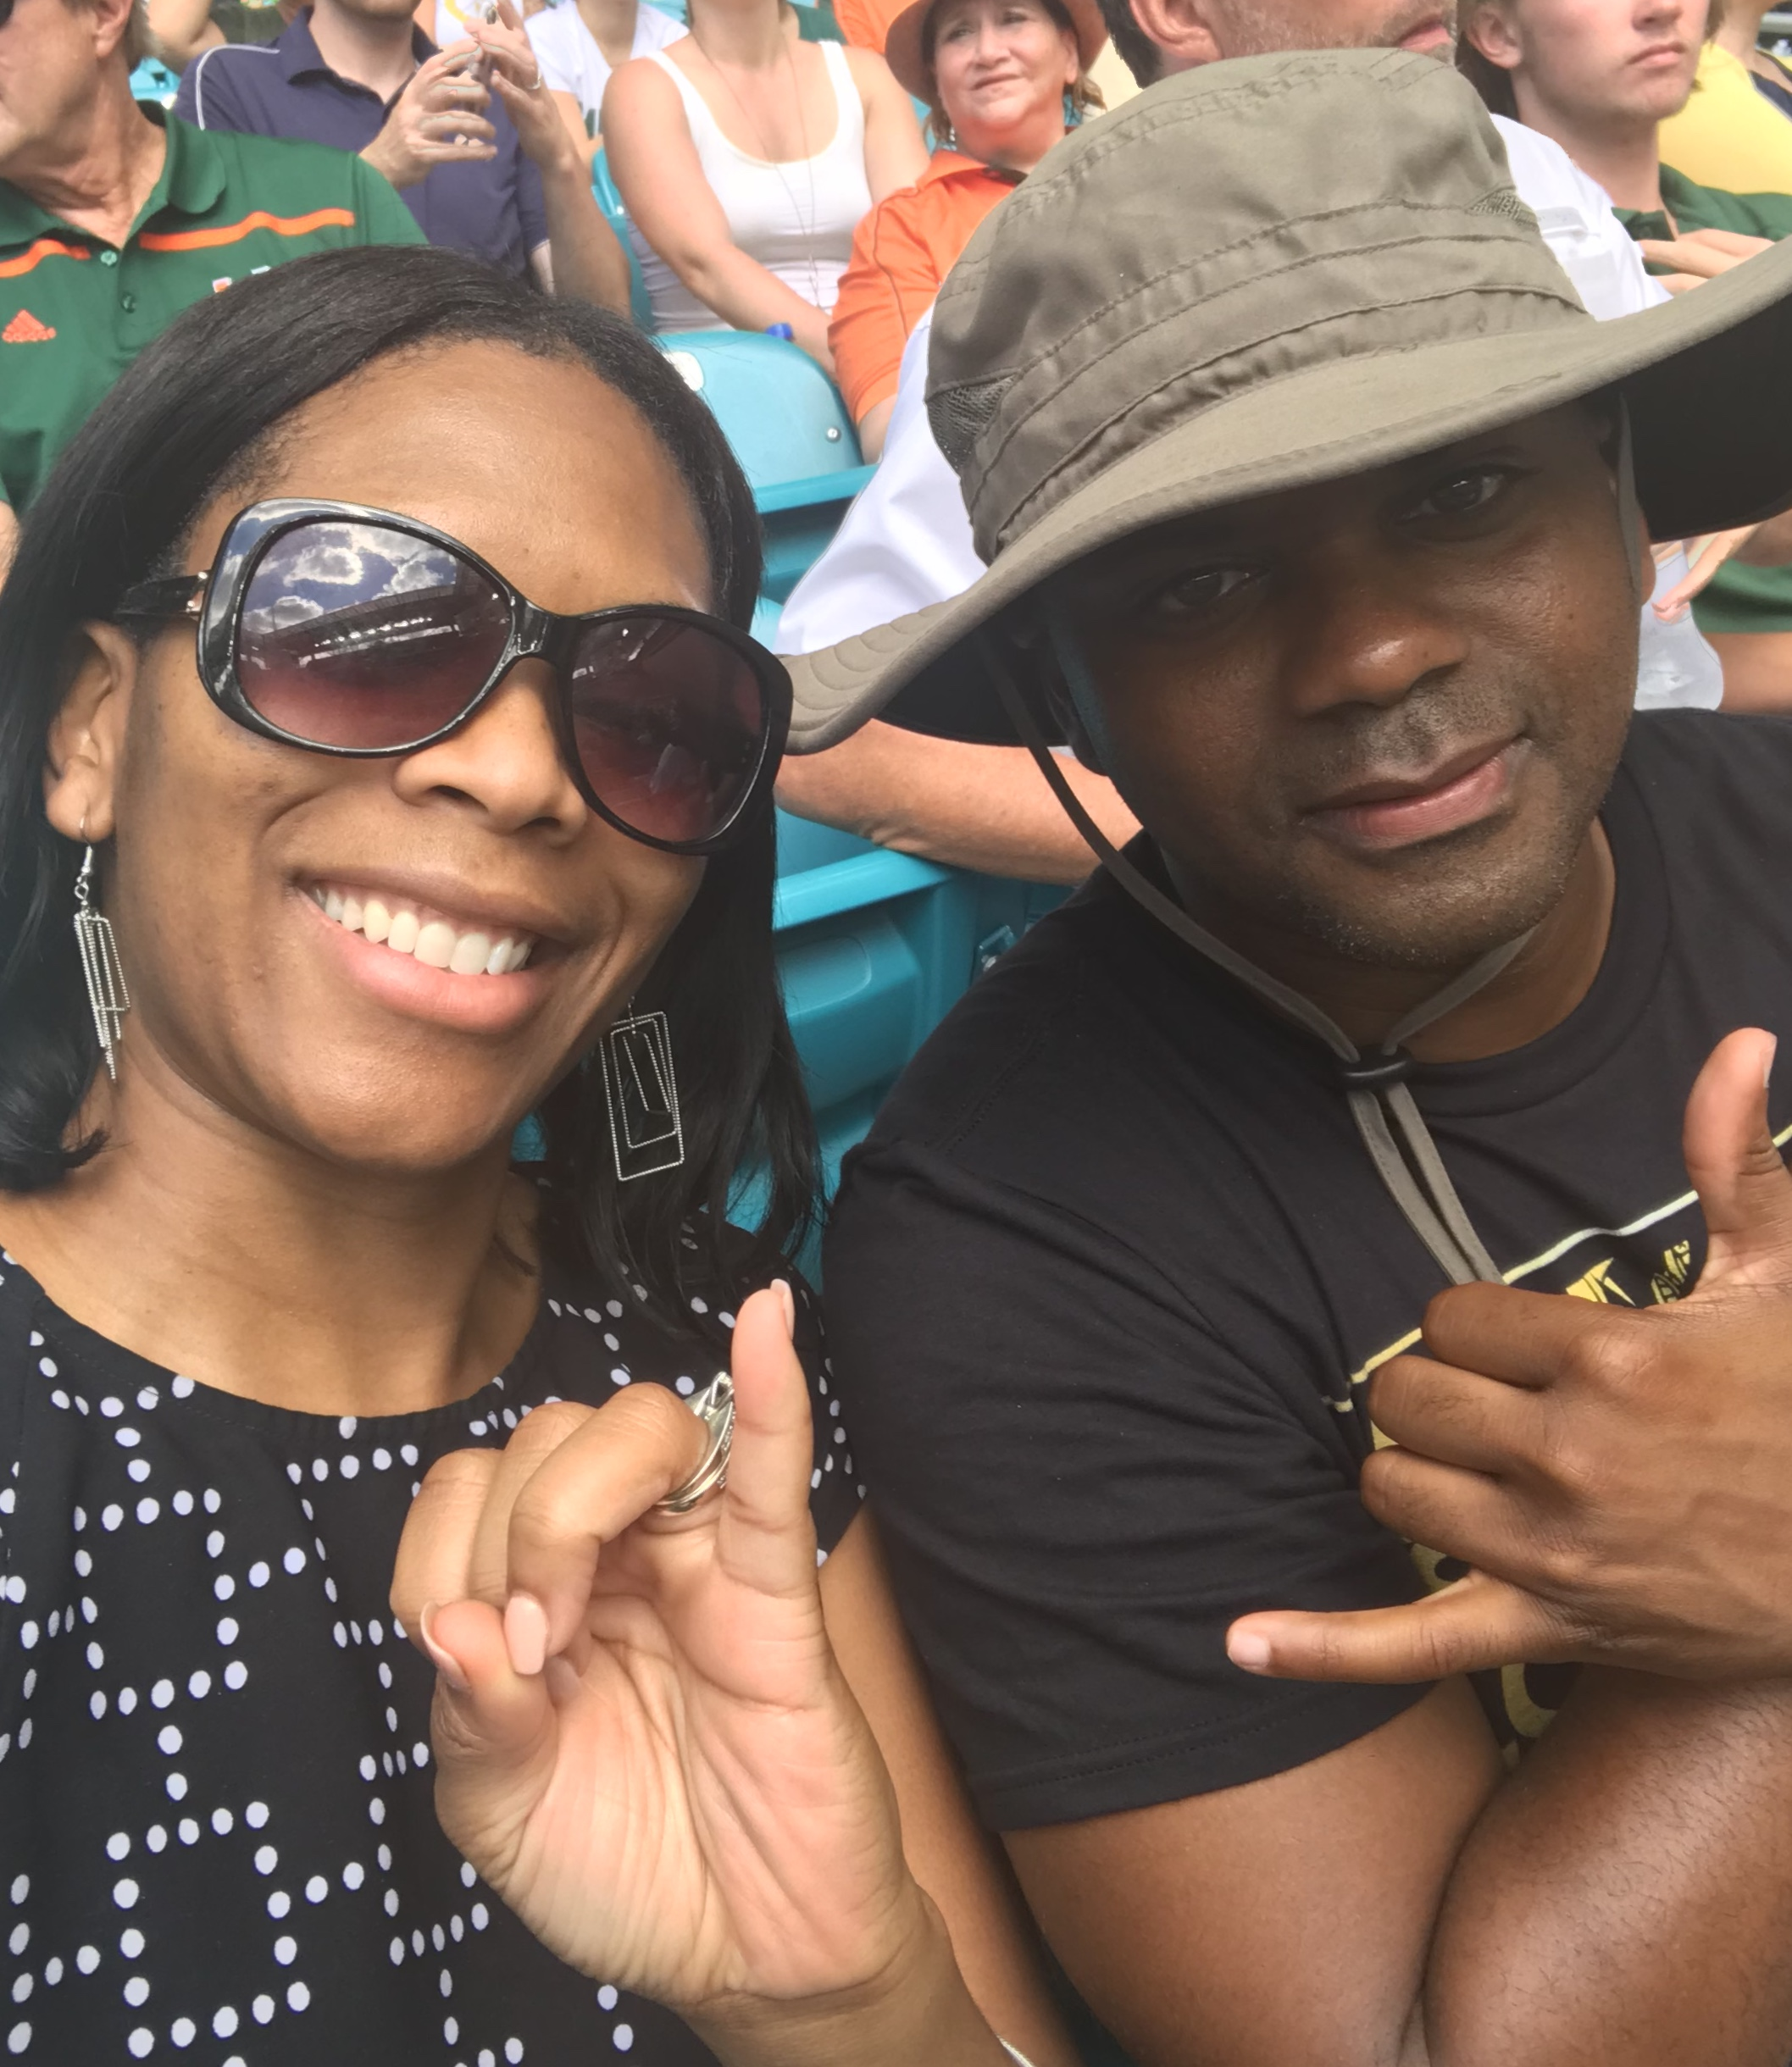 Enjoying a University of Miami football game